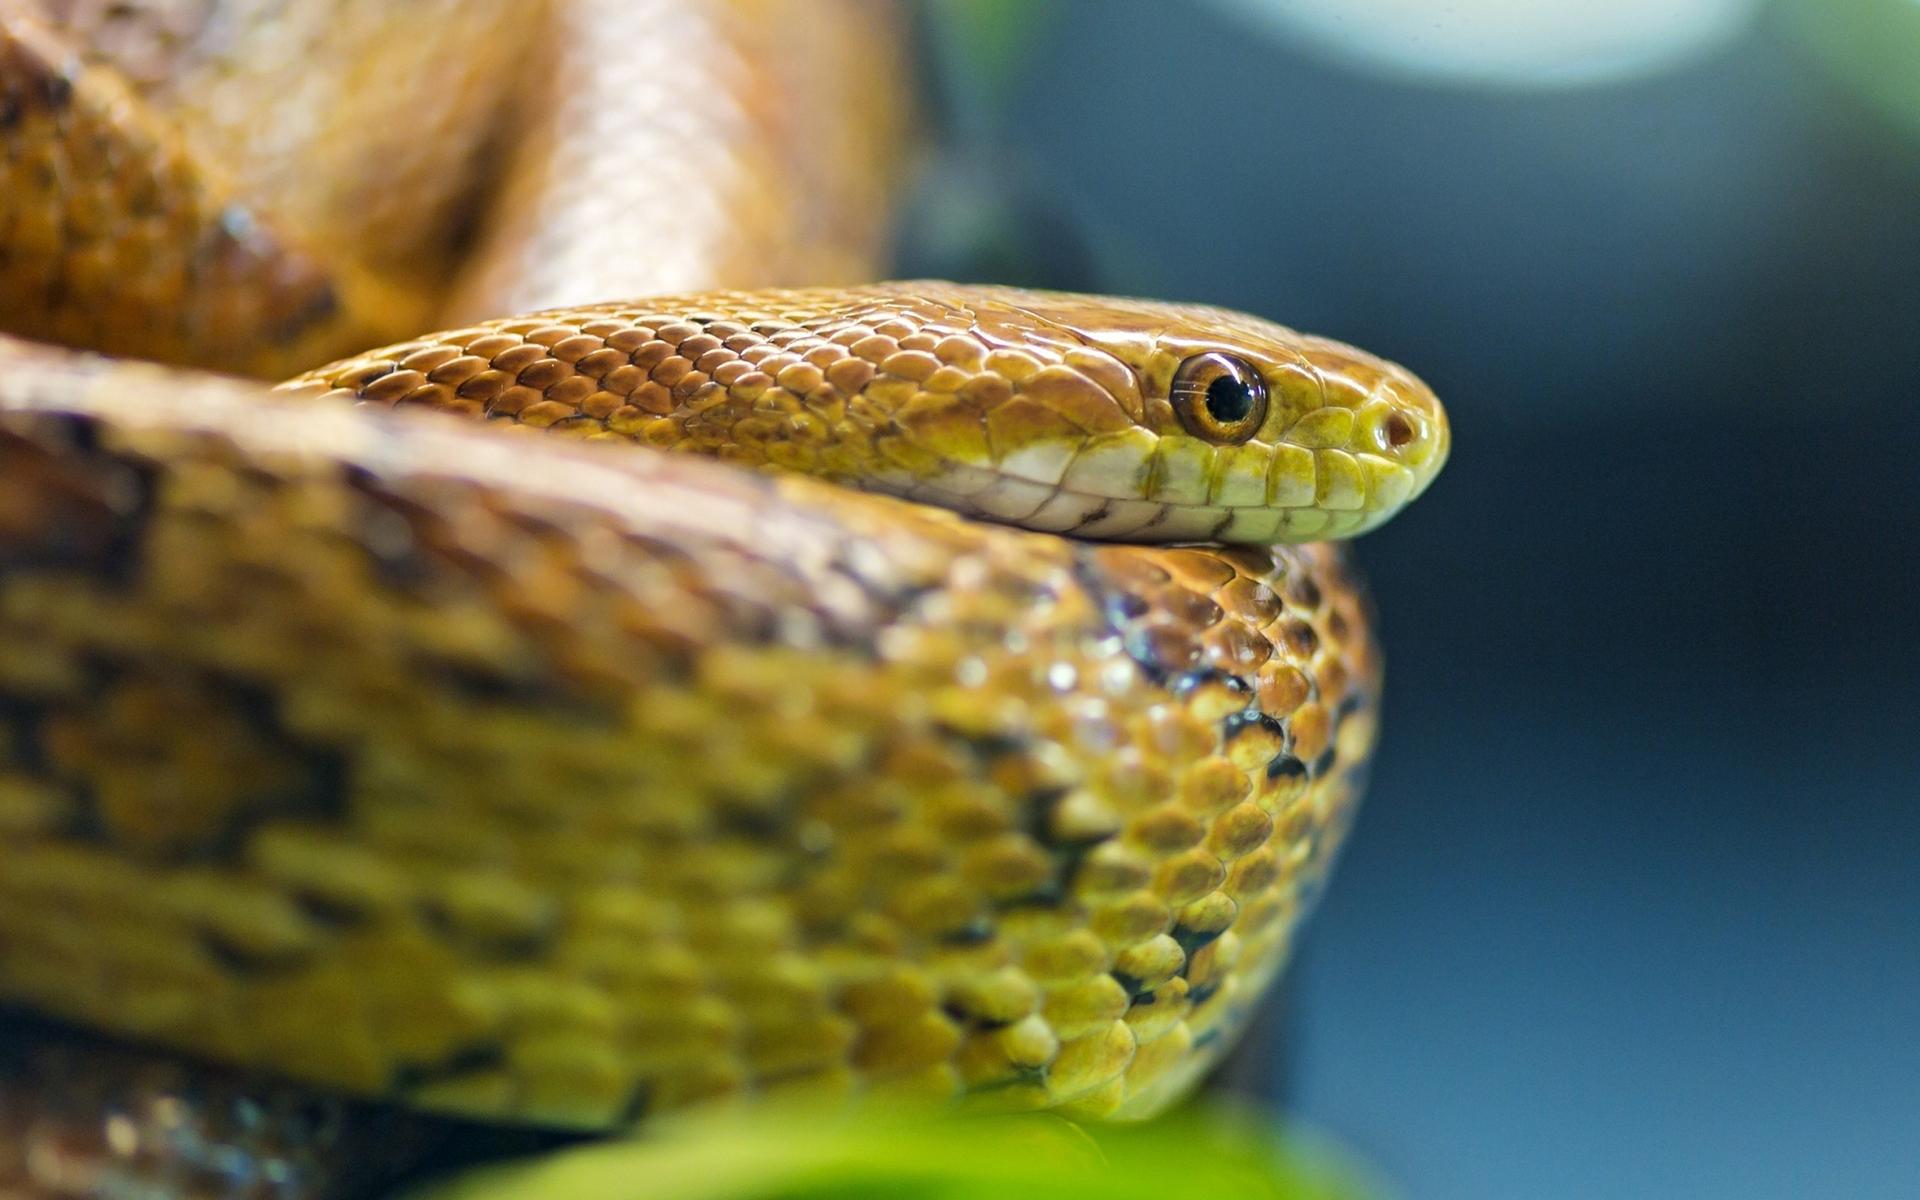 Ojos de serpientes - 1920x1200